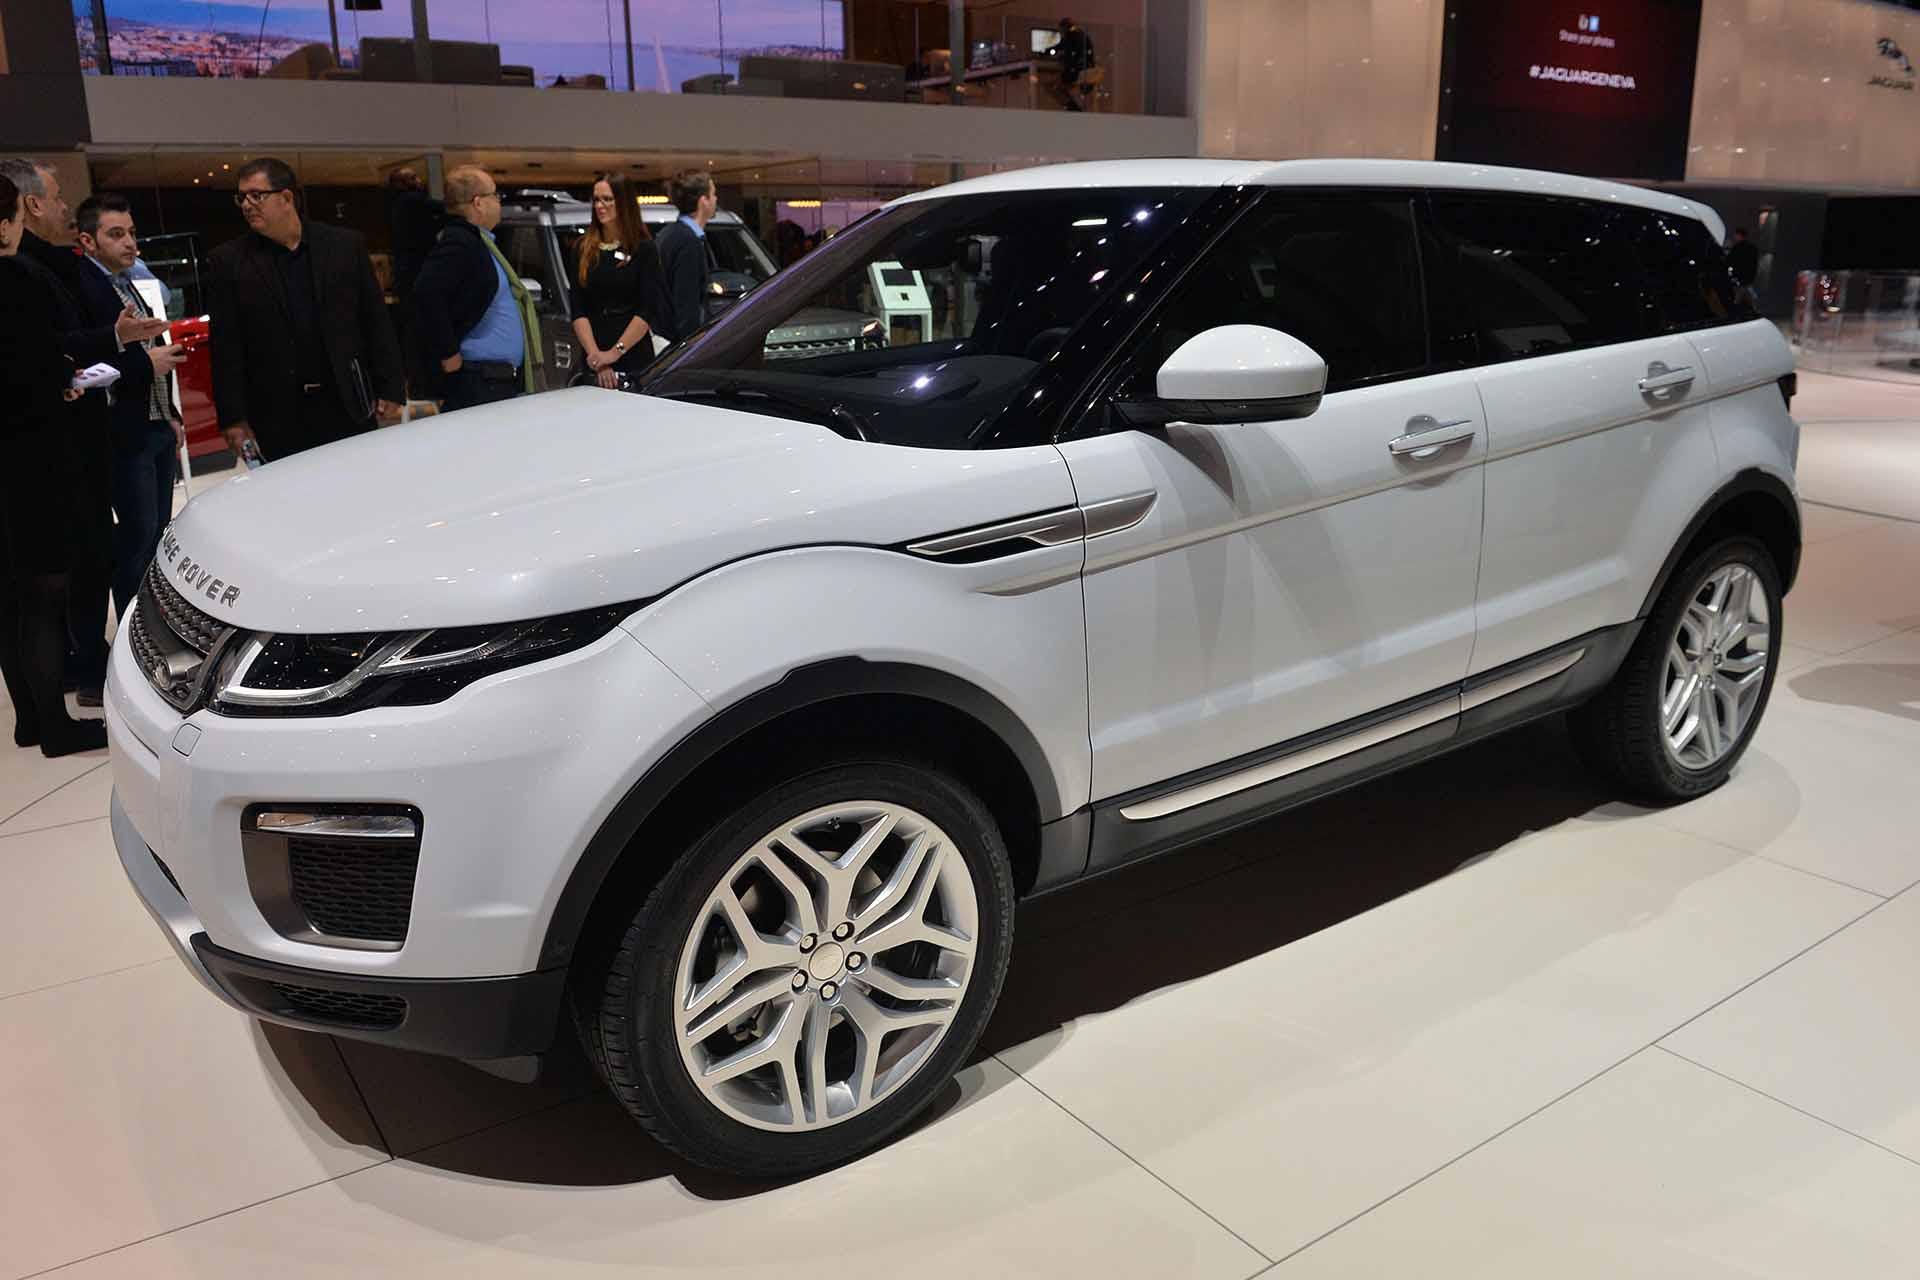 2016 Land Rover Range Rover 7 Widescreen Wallpaper